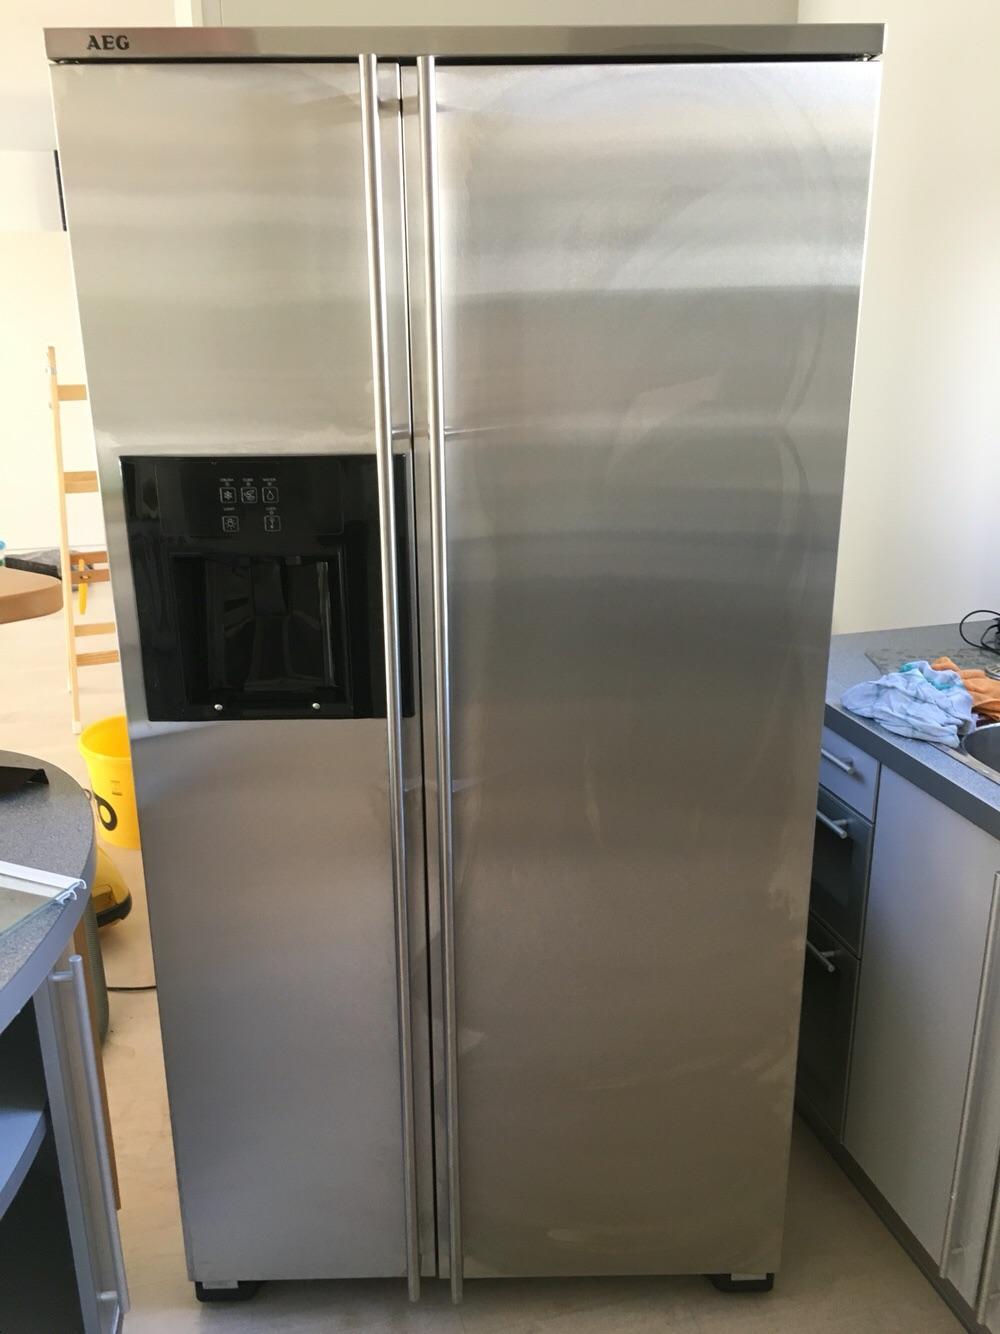 Aeg Kühlschrank Side By Side : Side by side kühlschrank aeg aeg prefekt fit kühlschrank youtube